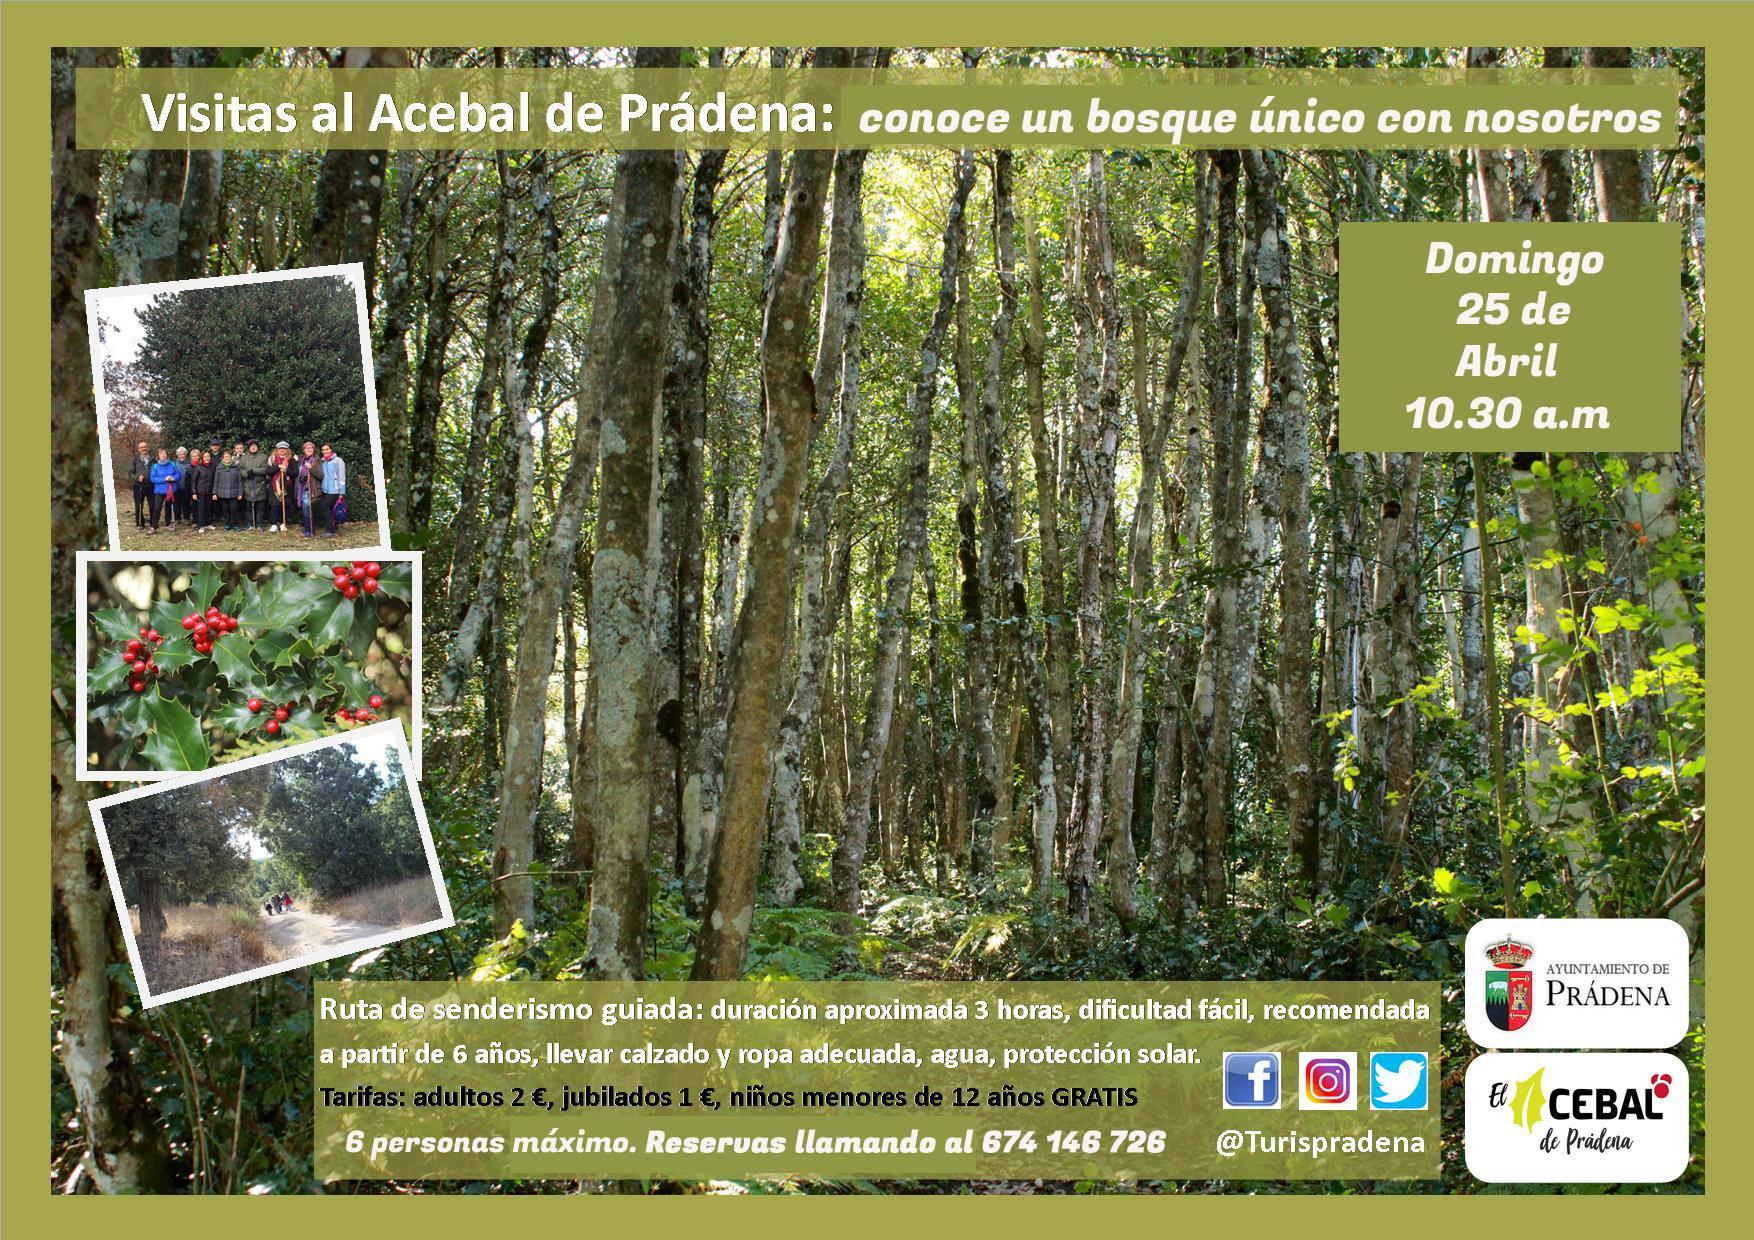 Visite à Acebal de Prádena - dimanche 25 avril